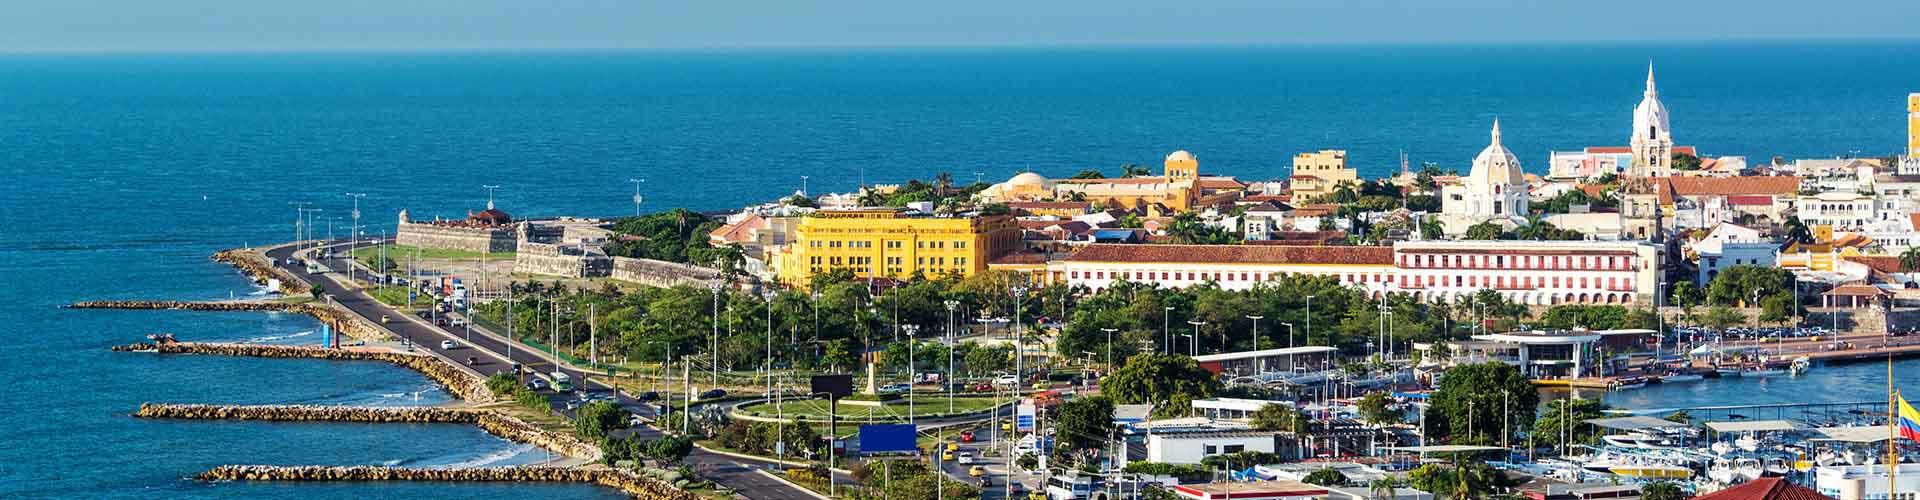 Cartagena – Hostels in Cartagena. Cartagena auf der Karte. Fotos und Bewertungen für jedes Hostel in Cartagena.